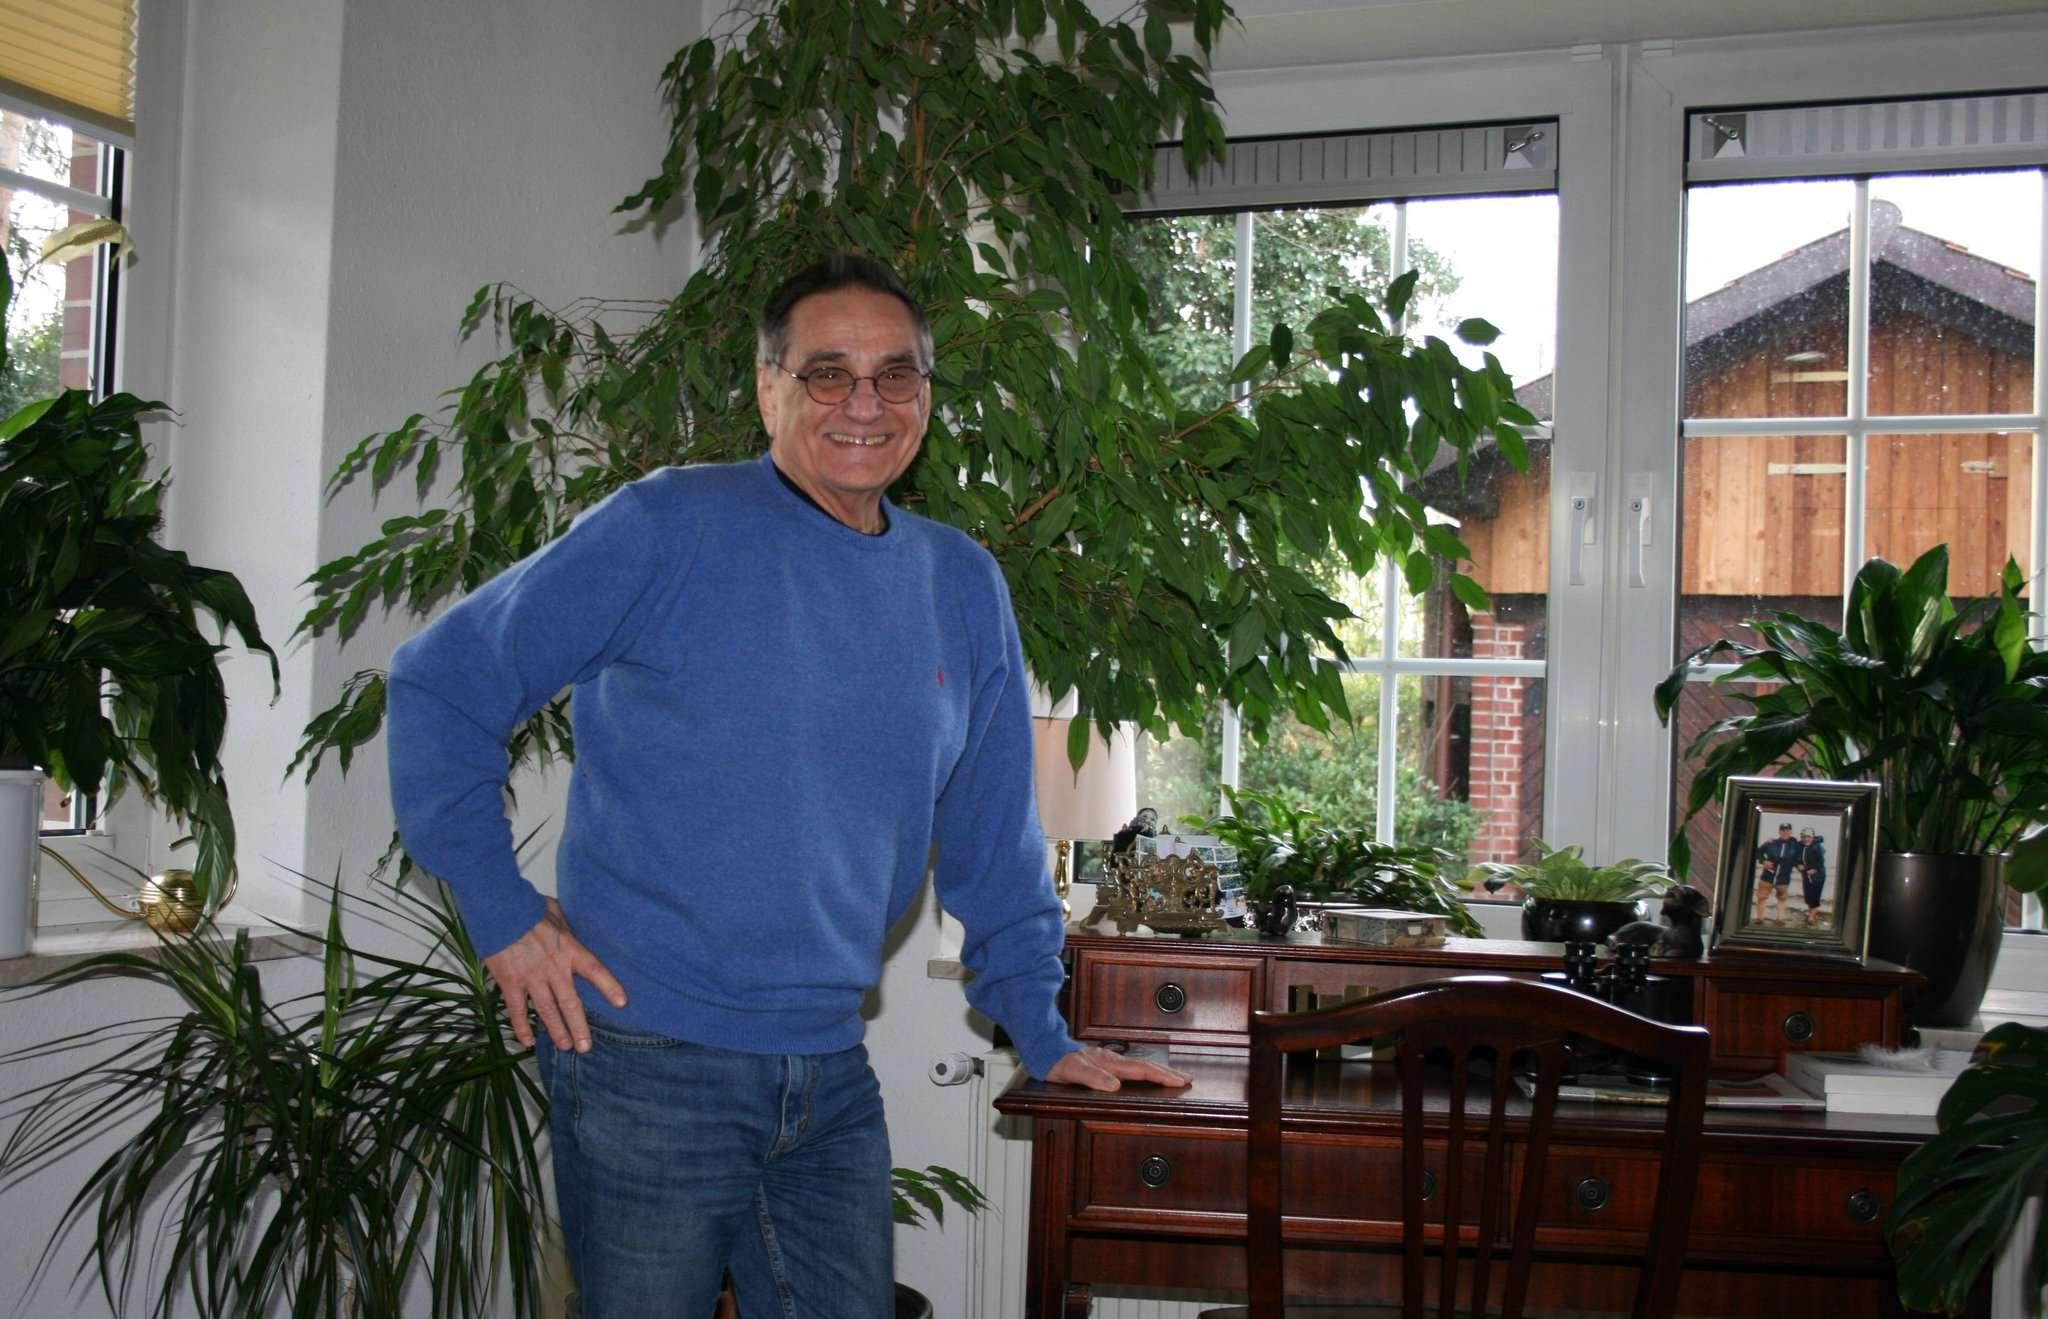 Hans-Jürgen Schnellrieder, Vorsitzender des Bürgerbusvereins, sieht einer Mobilitätswende in Fintel optimistisch entgegen. Foto: Jens Lou00ebs